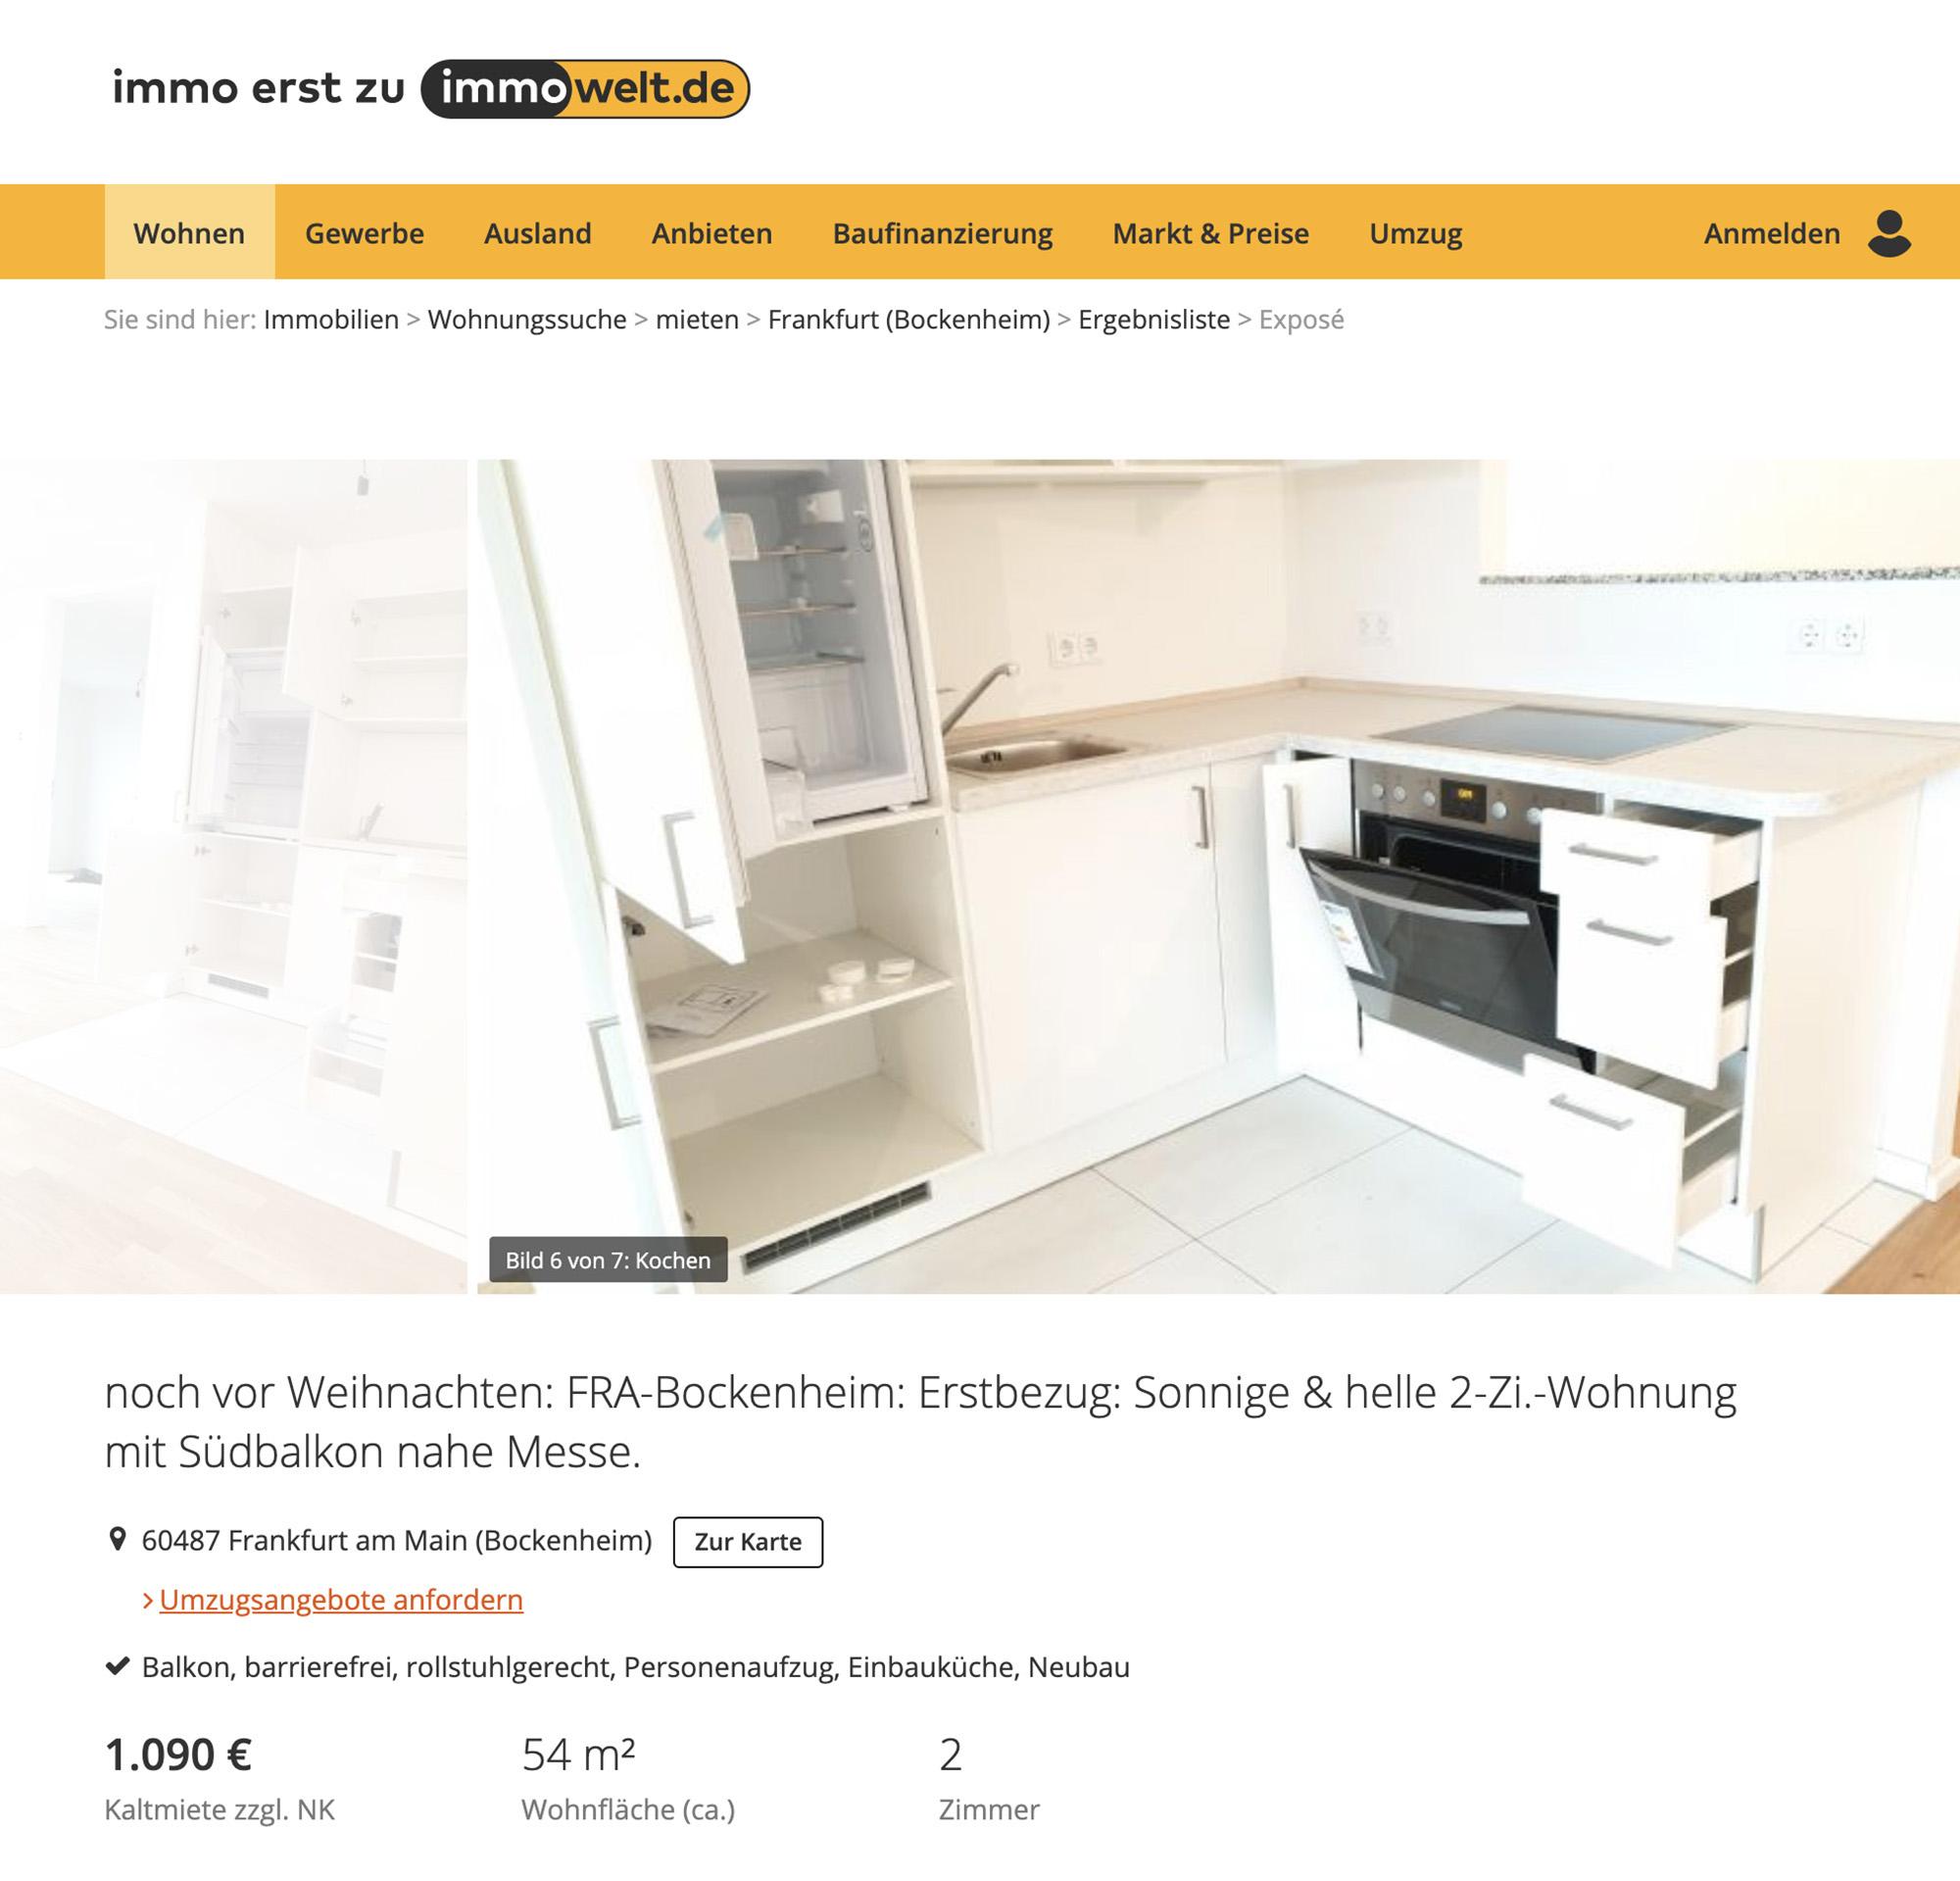 Стандартное предложение: пустая двухкомнатная квартира 54 м² в хорошем районе со встроенной кухней и санузлом за 1090€ (77 160<span class=ruble>Р</span>) в месяц. Однушка&nbsp;бы обошлась примерно в 750€ (53 000<span class=ruble>Р</span>). В цену аренды не включены коммунальные платежи